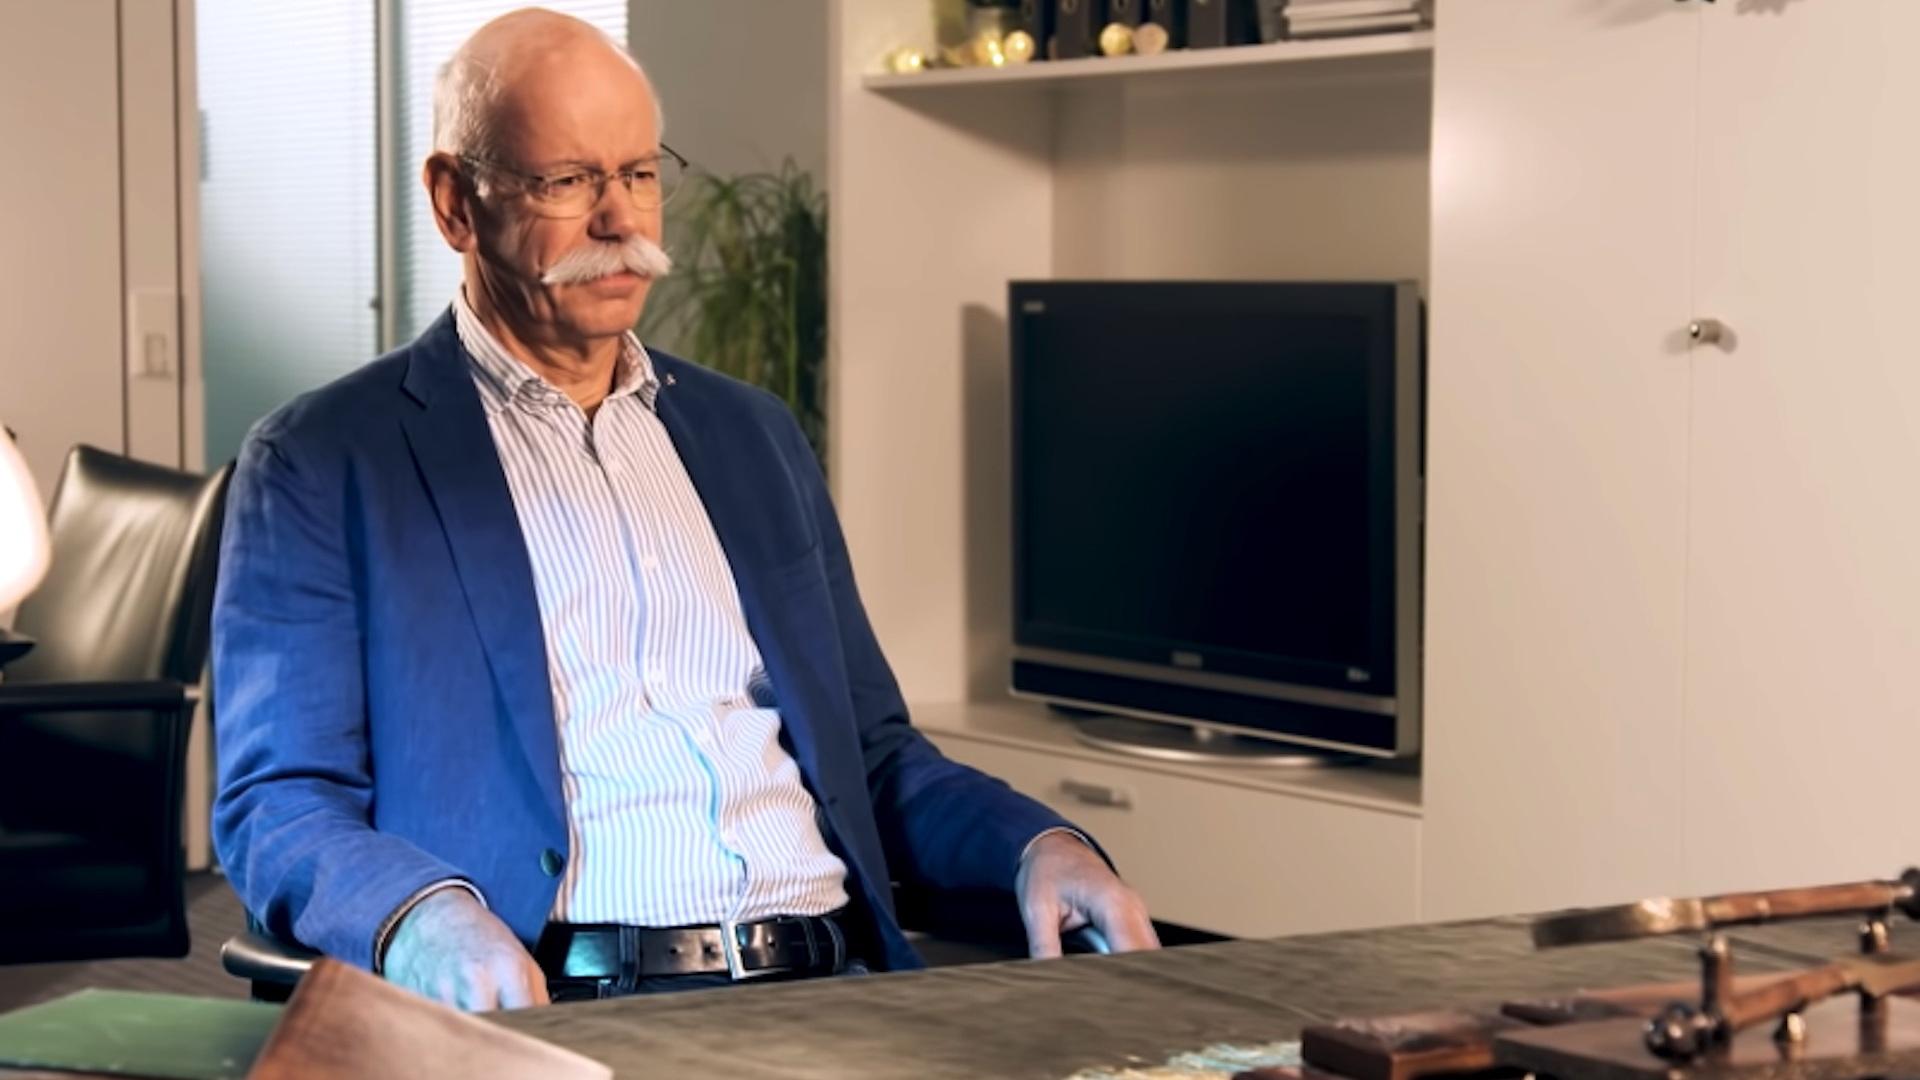 Dieter Zetsche, Daimler CEO farewell message 2018